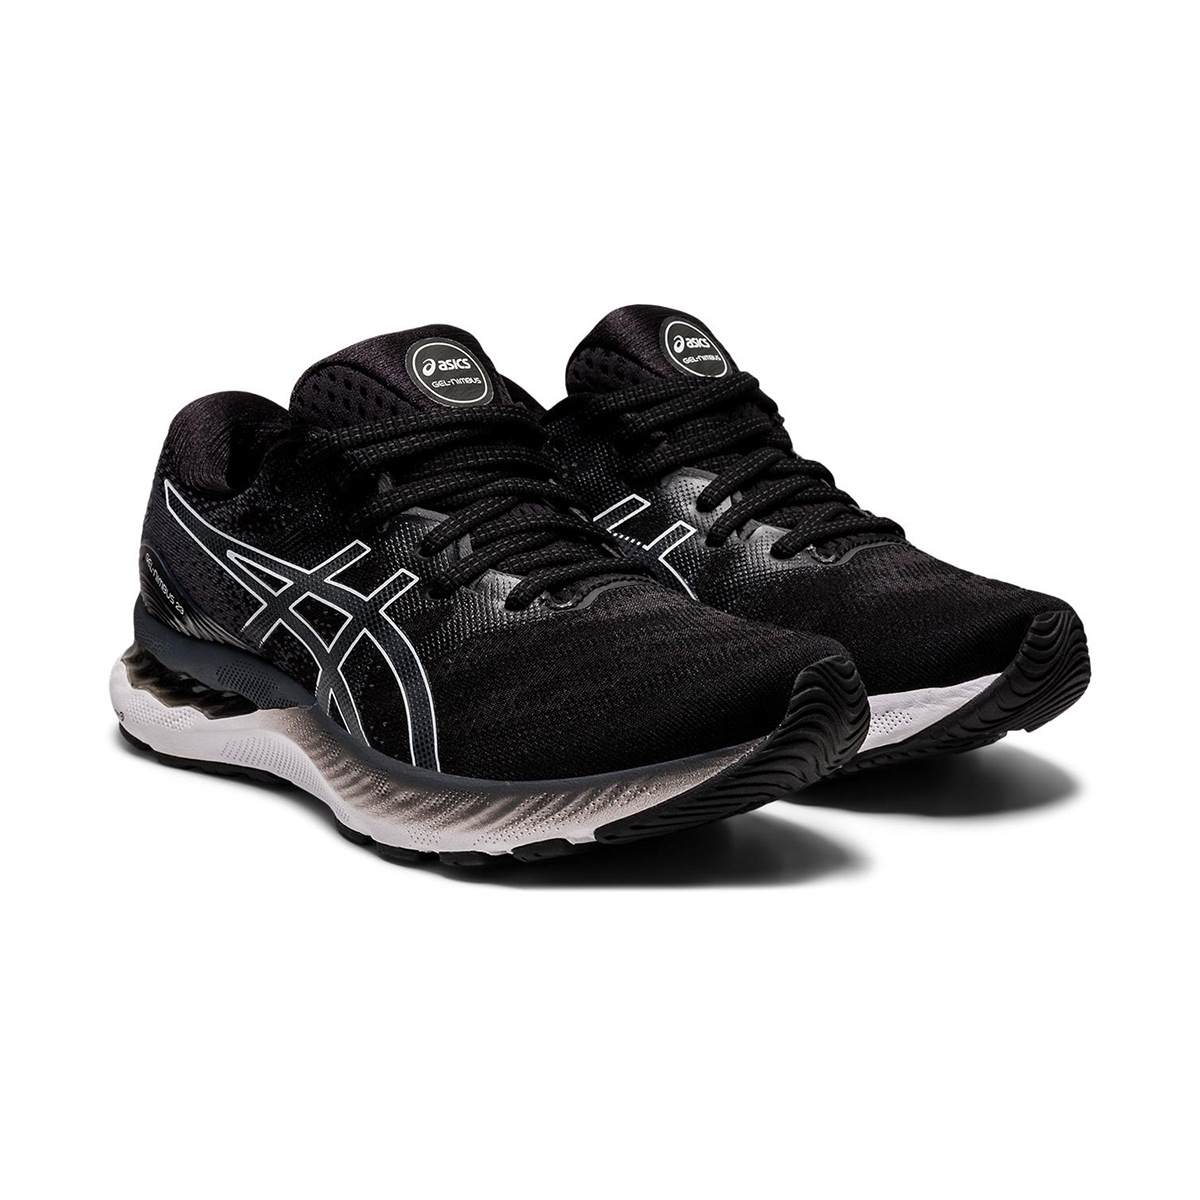 Women's Asics GEL-Nimbus 23 Running Shoe, , large, image 3